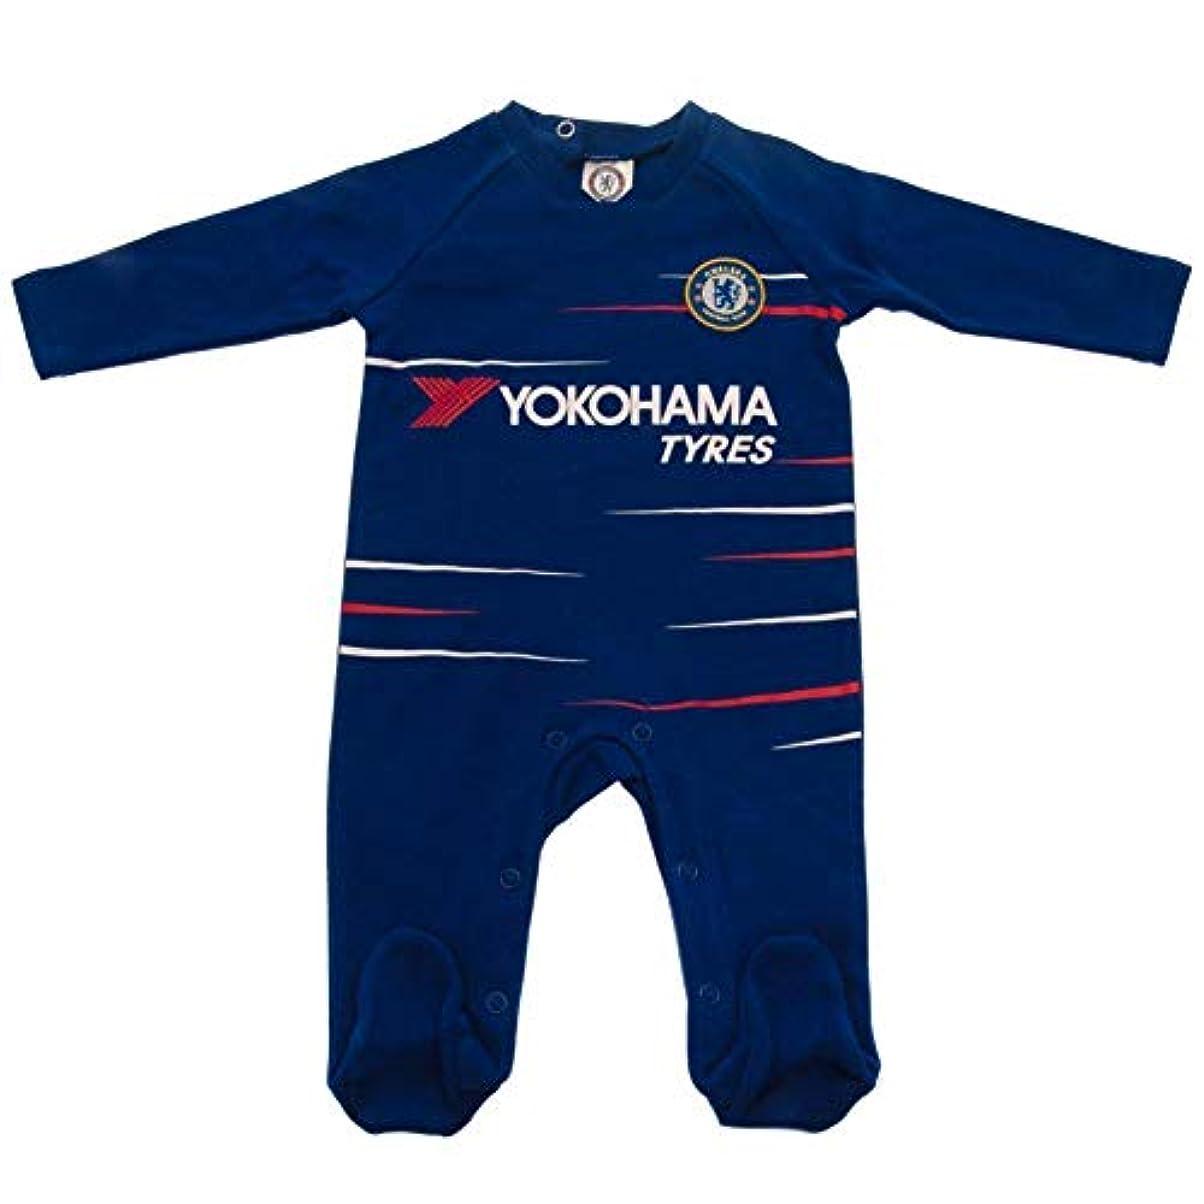 運動暗記するパッチチェルシー フットボールクラブ Chelsea FC オフィシャル商品 赤ちゃん?ベビー用 TS 長袖 ボディースーツ ロンパース